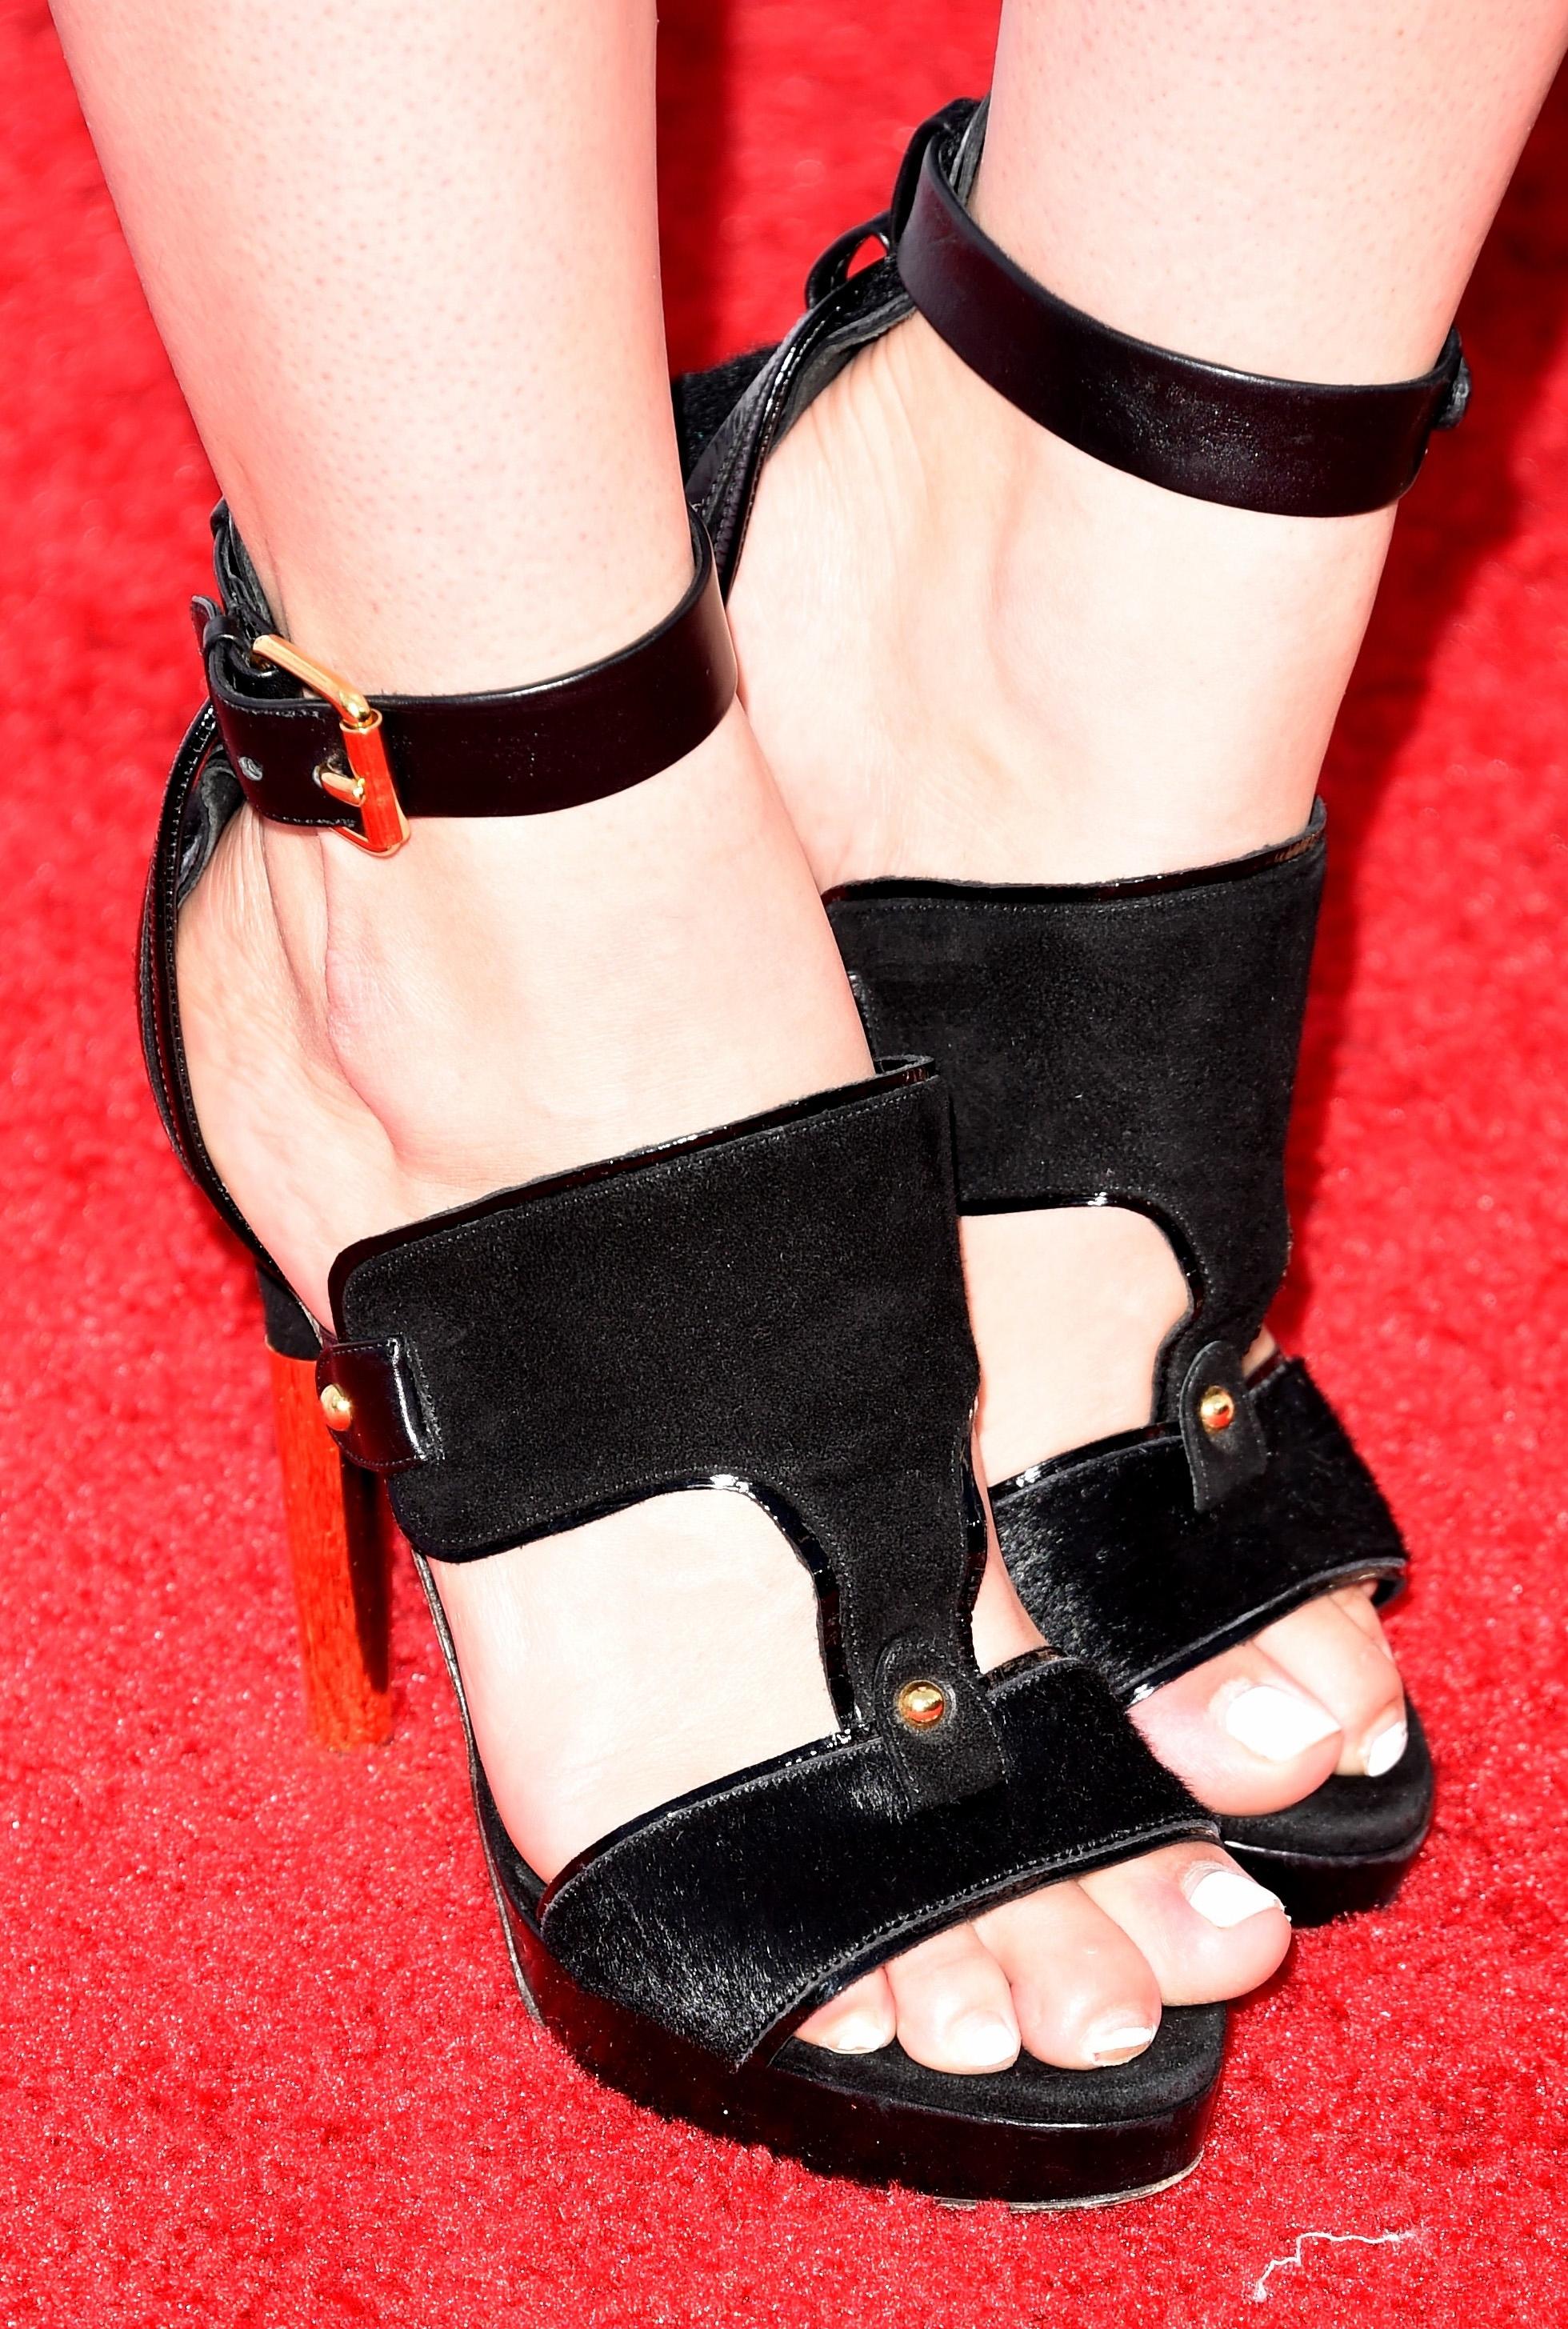 Feet Lauren Jauregui nude (56 photos), Tits, Sideboobs, Instagram, butt 2006